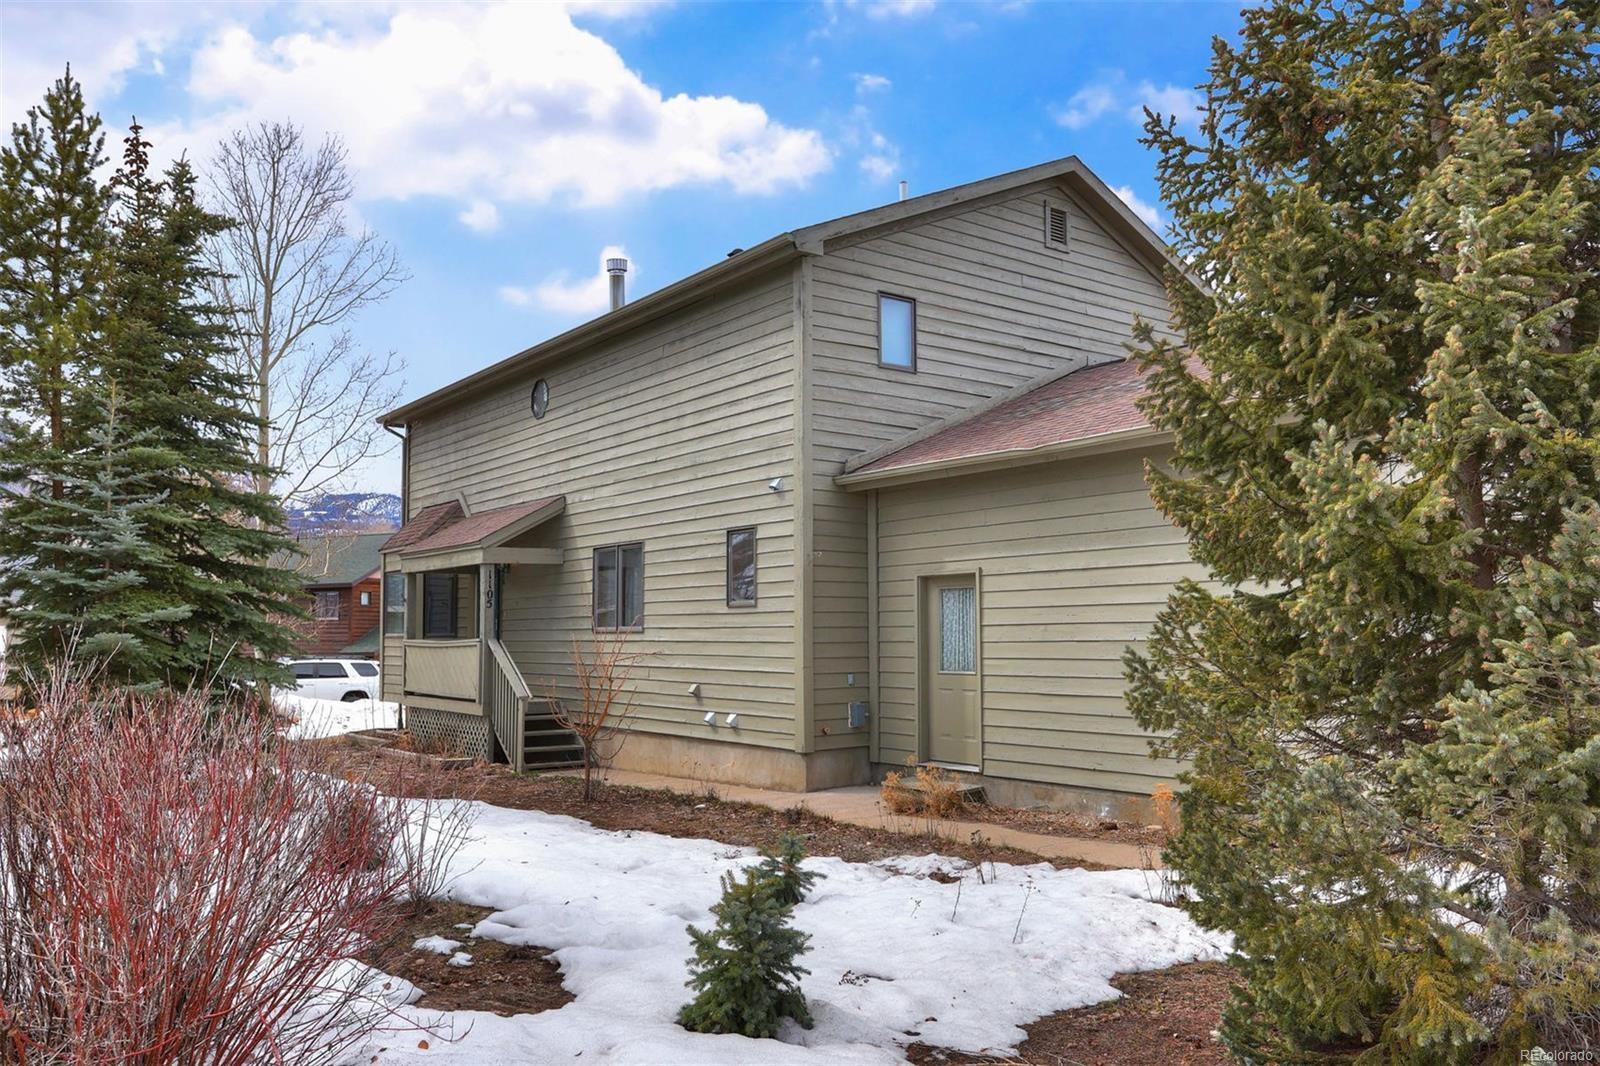 MLS# 6560106 - 37 - 1105 Mesa Drive, Silverthorne, CO 80498